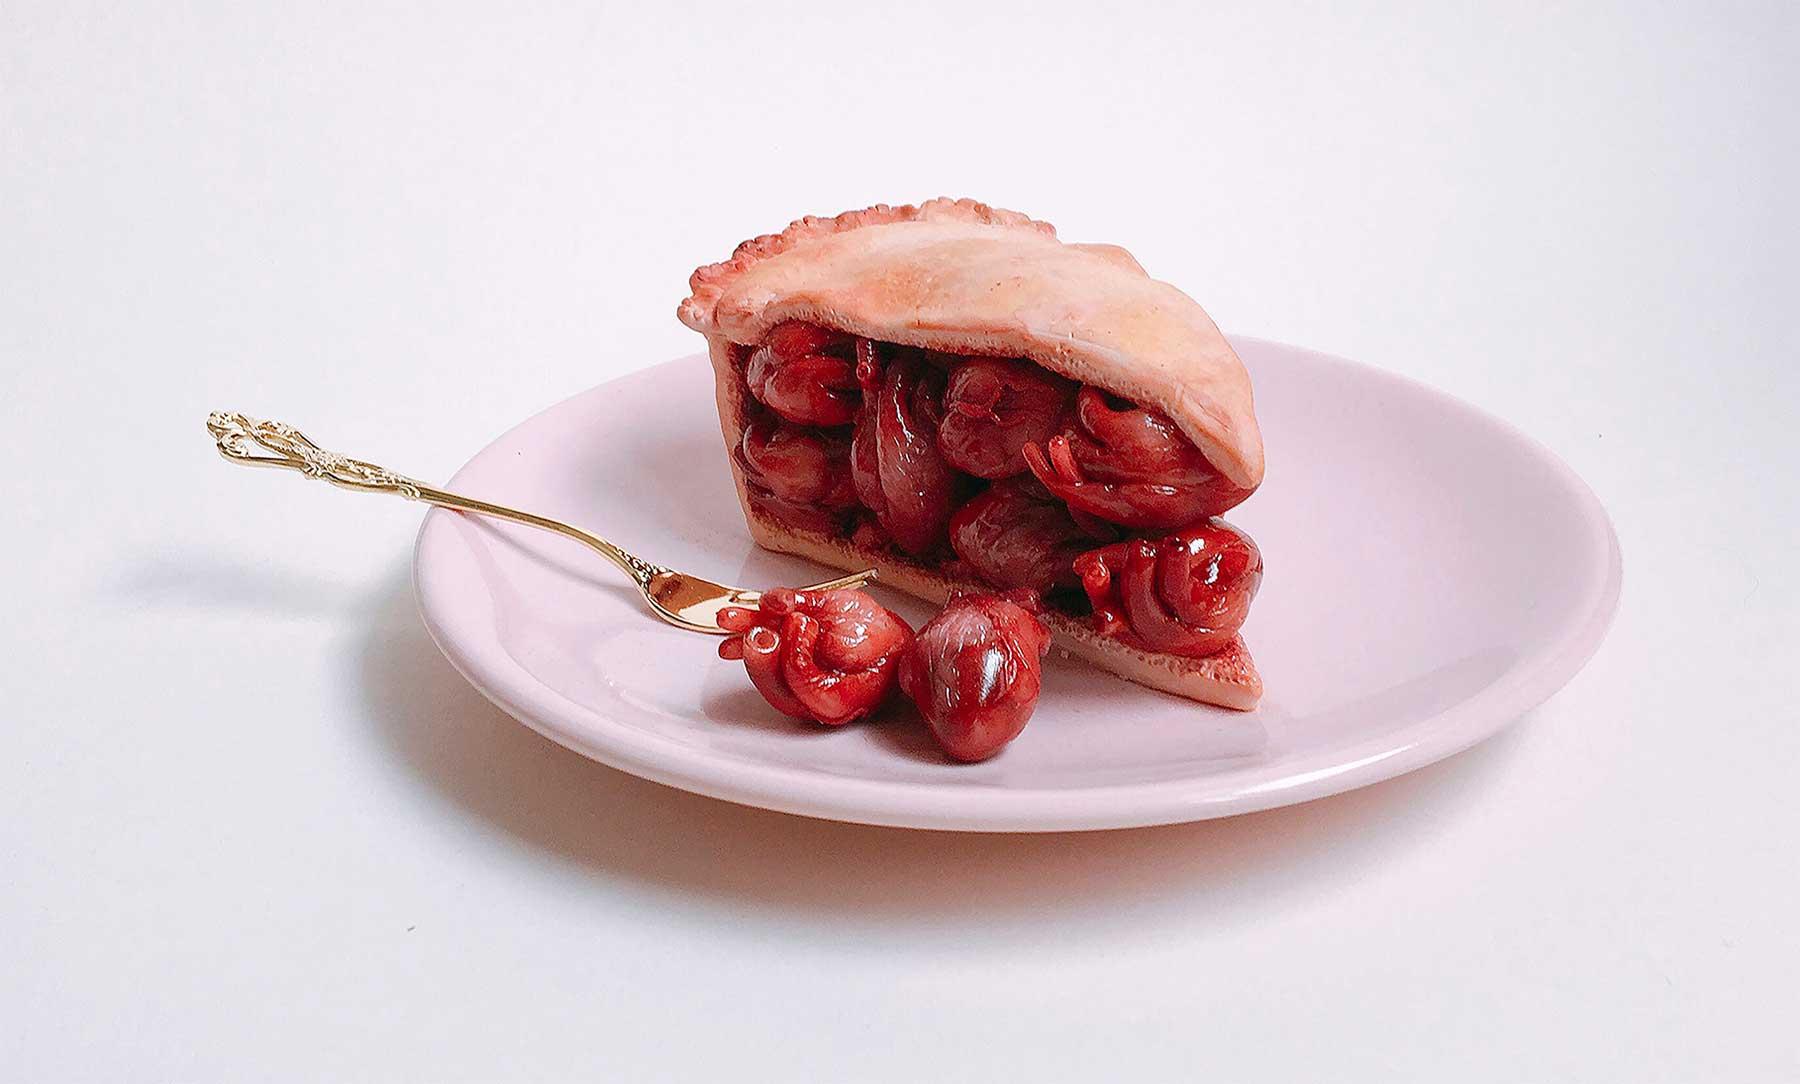 Anatomie-Desserts von QimmyShimmy Anatomiekuchen-QimmyShimmy_01